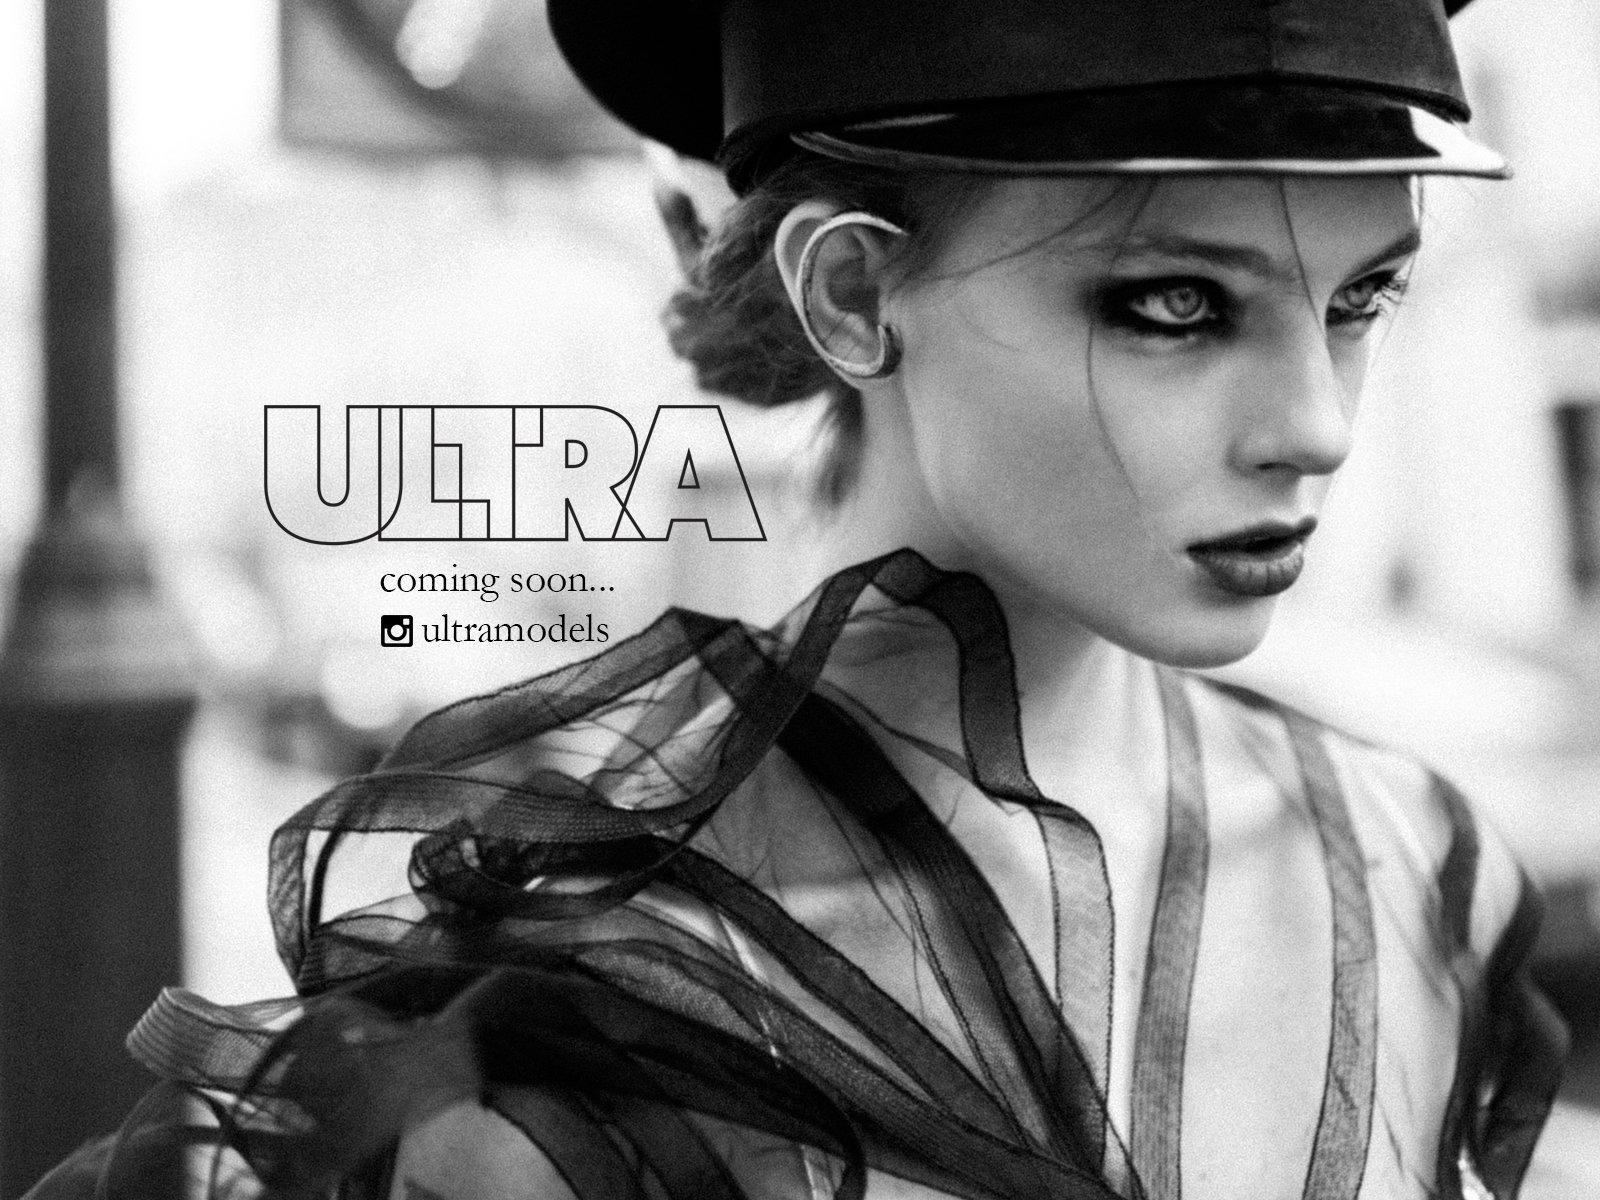 Модельное агентство москва для парней веб камера девушка модель работа на дому лучшие сайты